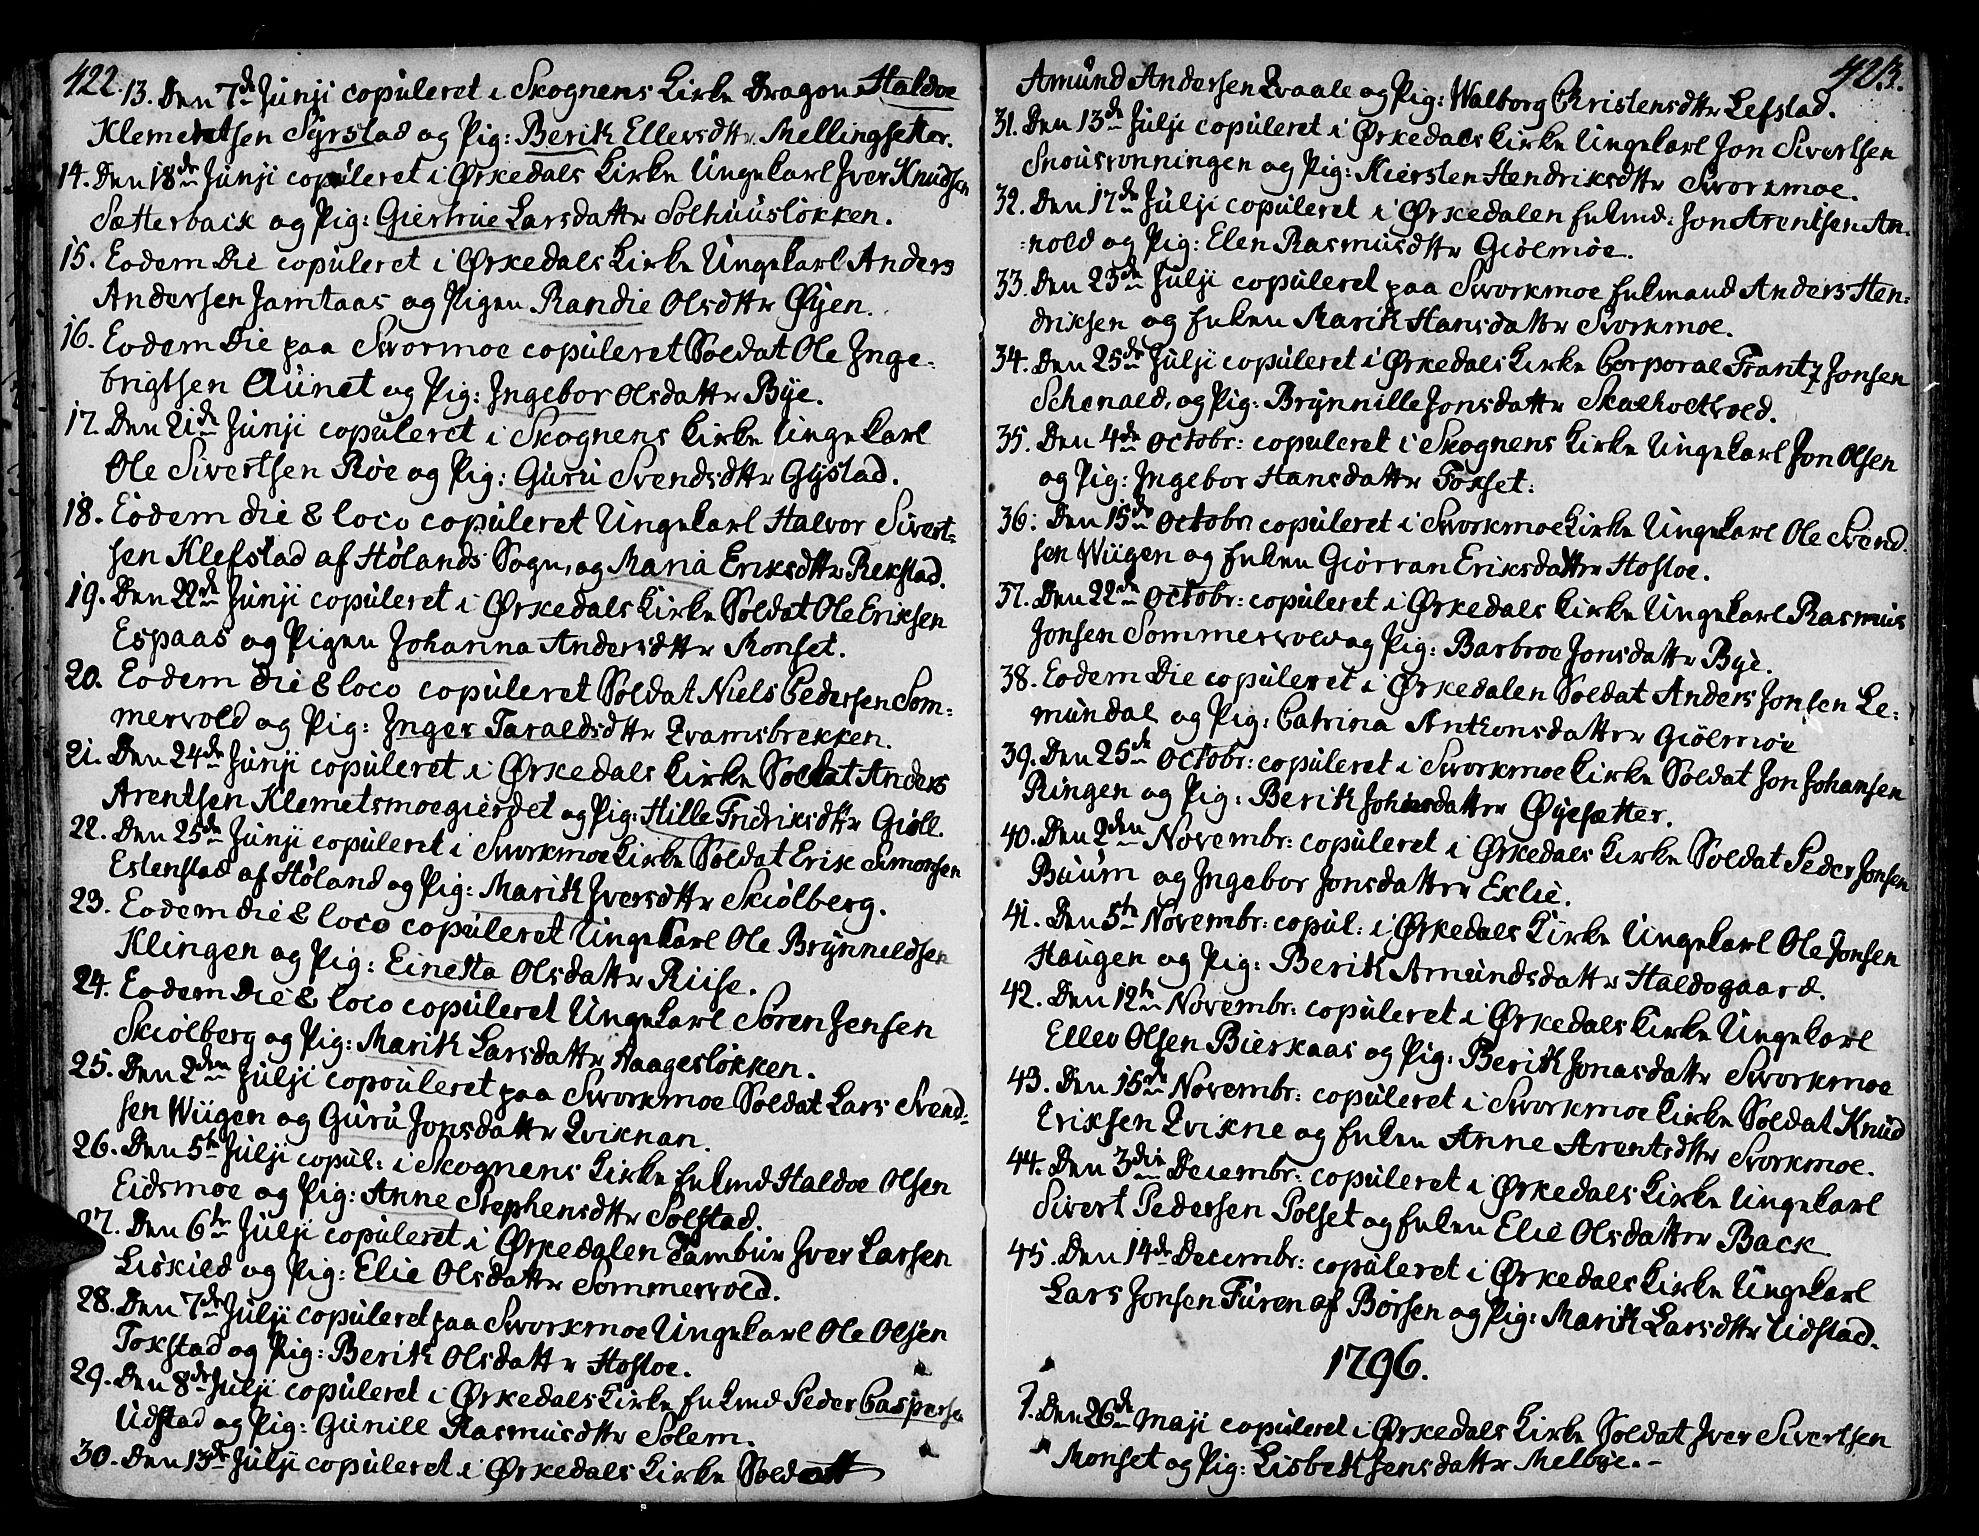 SAT, Ministerialprotokoller, klokkerbøker og fødselsregistre - Sør-Trøndelag, 668/L0802: Ministerialbok nr. 668A02, 1776-1799, s. 422-423